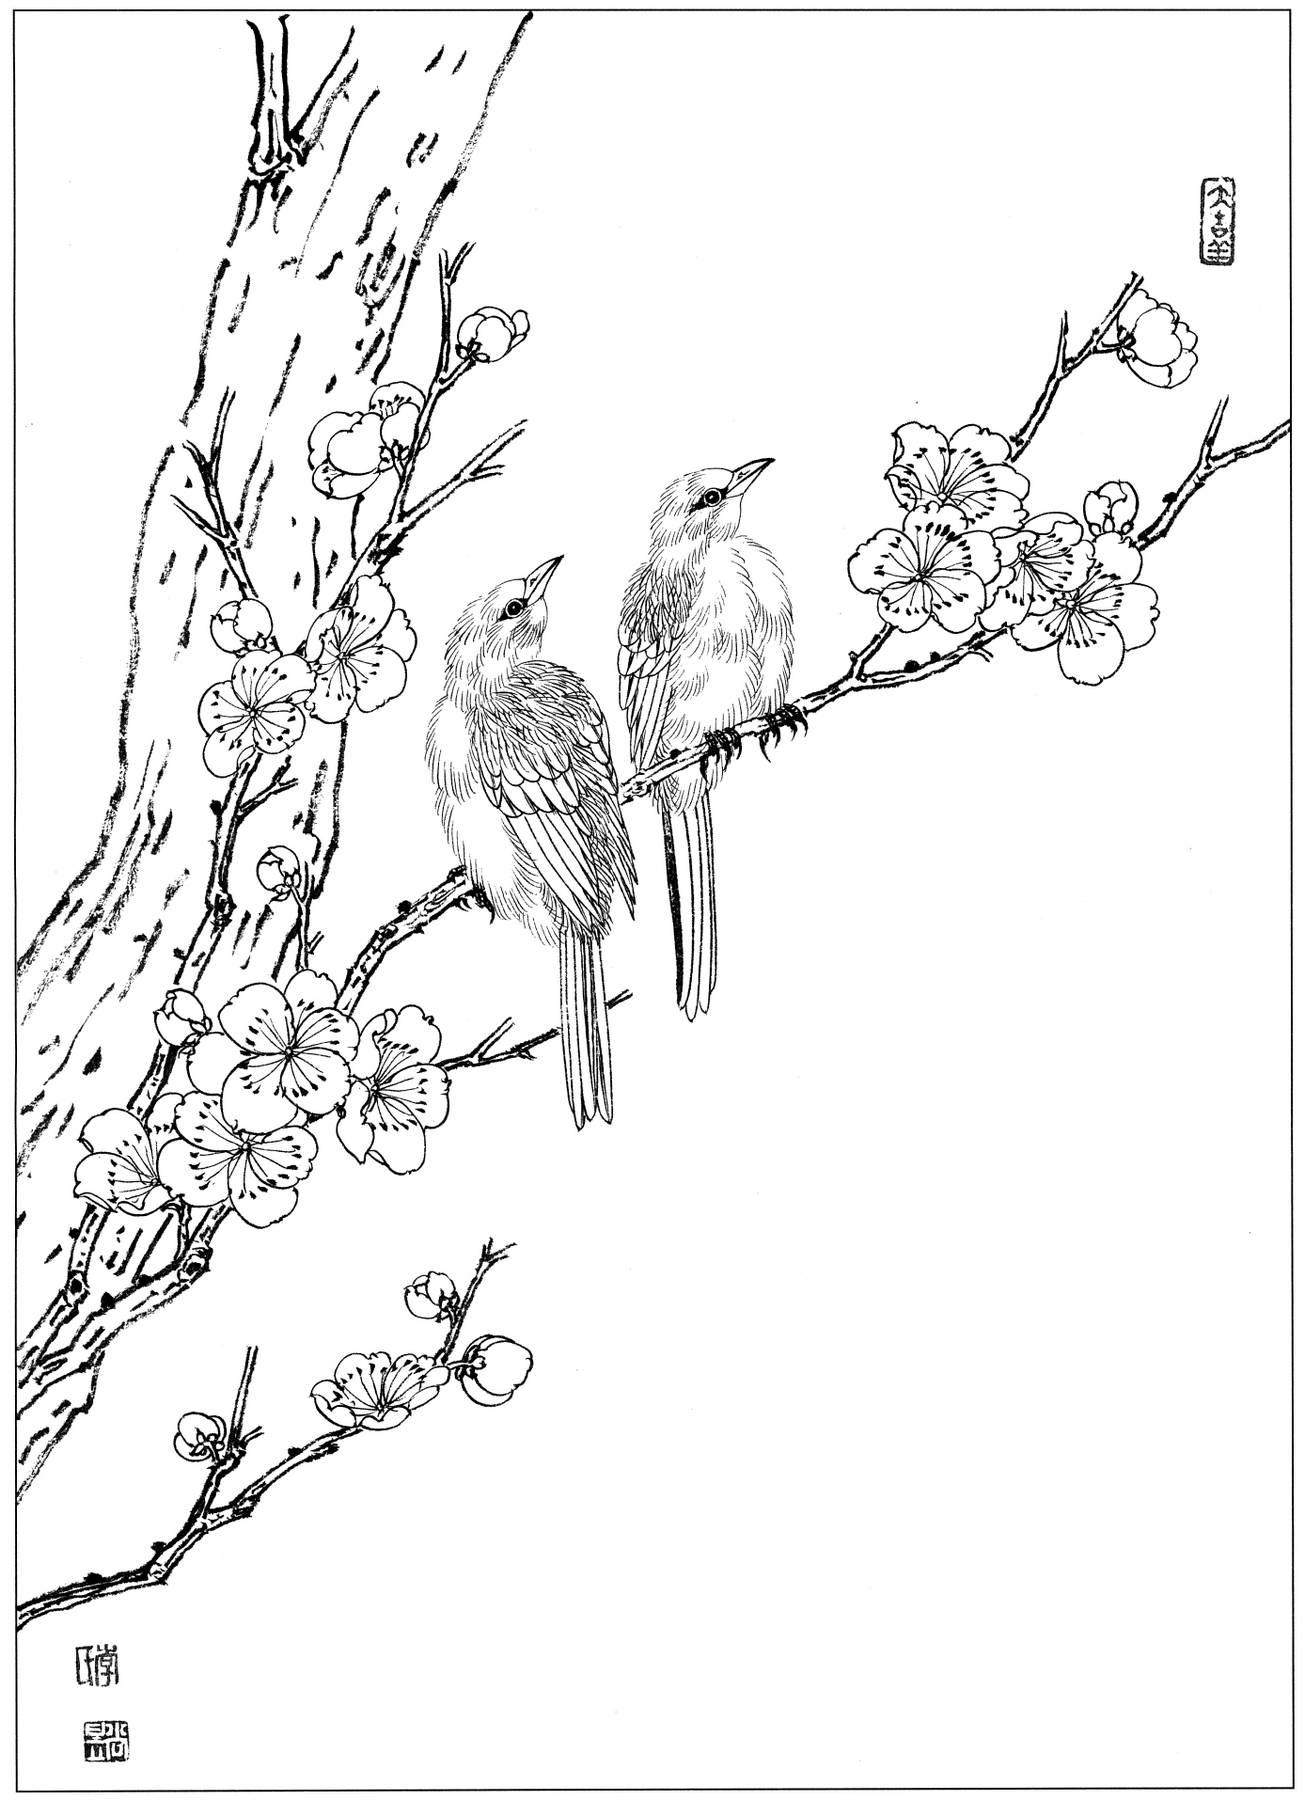 []0085_工笔画花鸟白描线稿素材高清图黑腰梅花雀_0x0px_jpg_600dpi_3